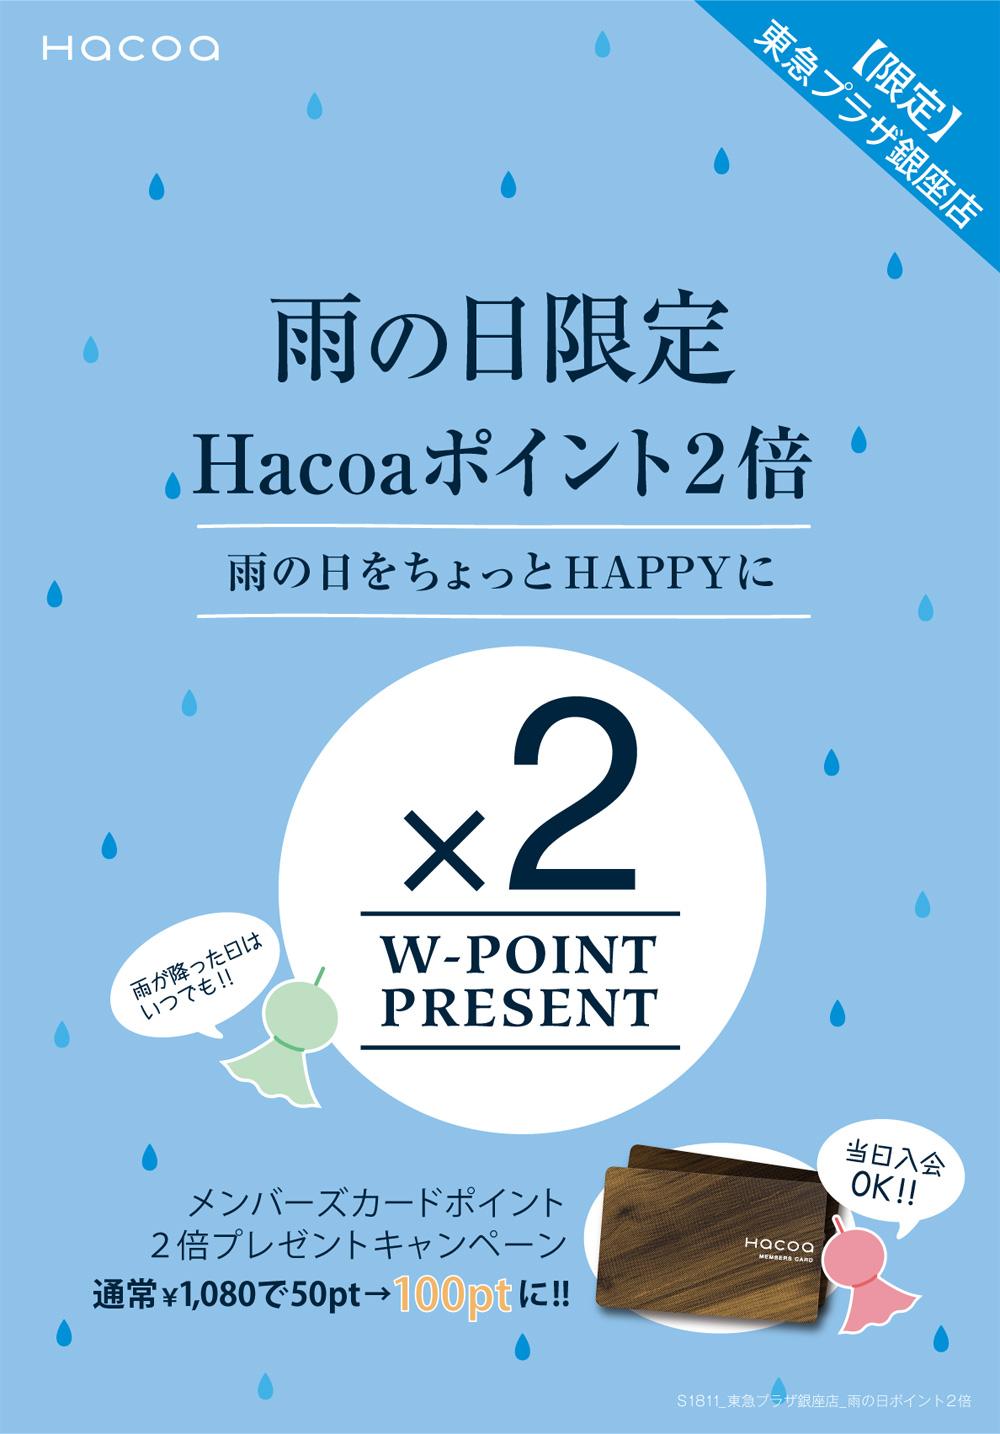 銀座店-雨の日ポイント2倍キャンペーン